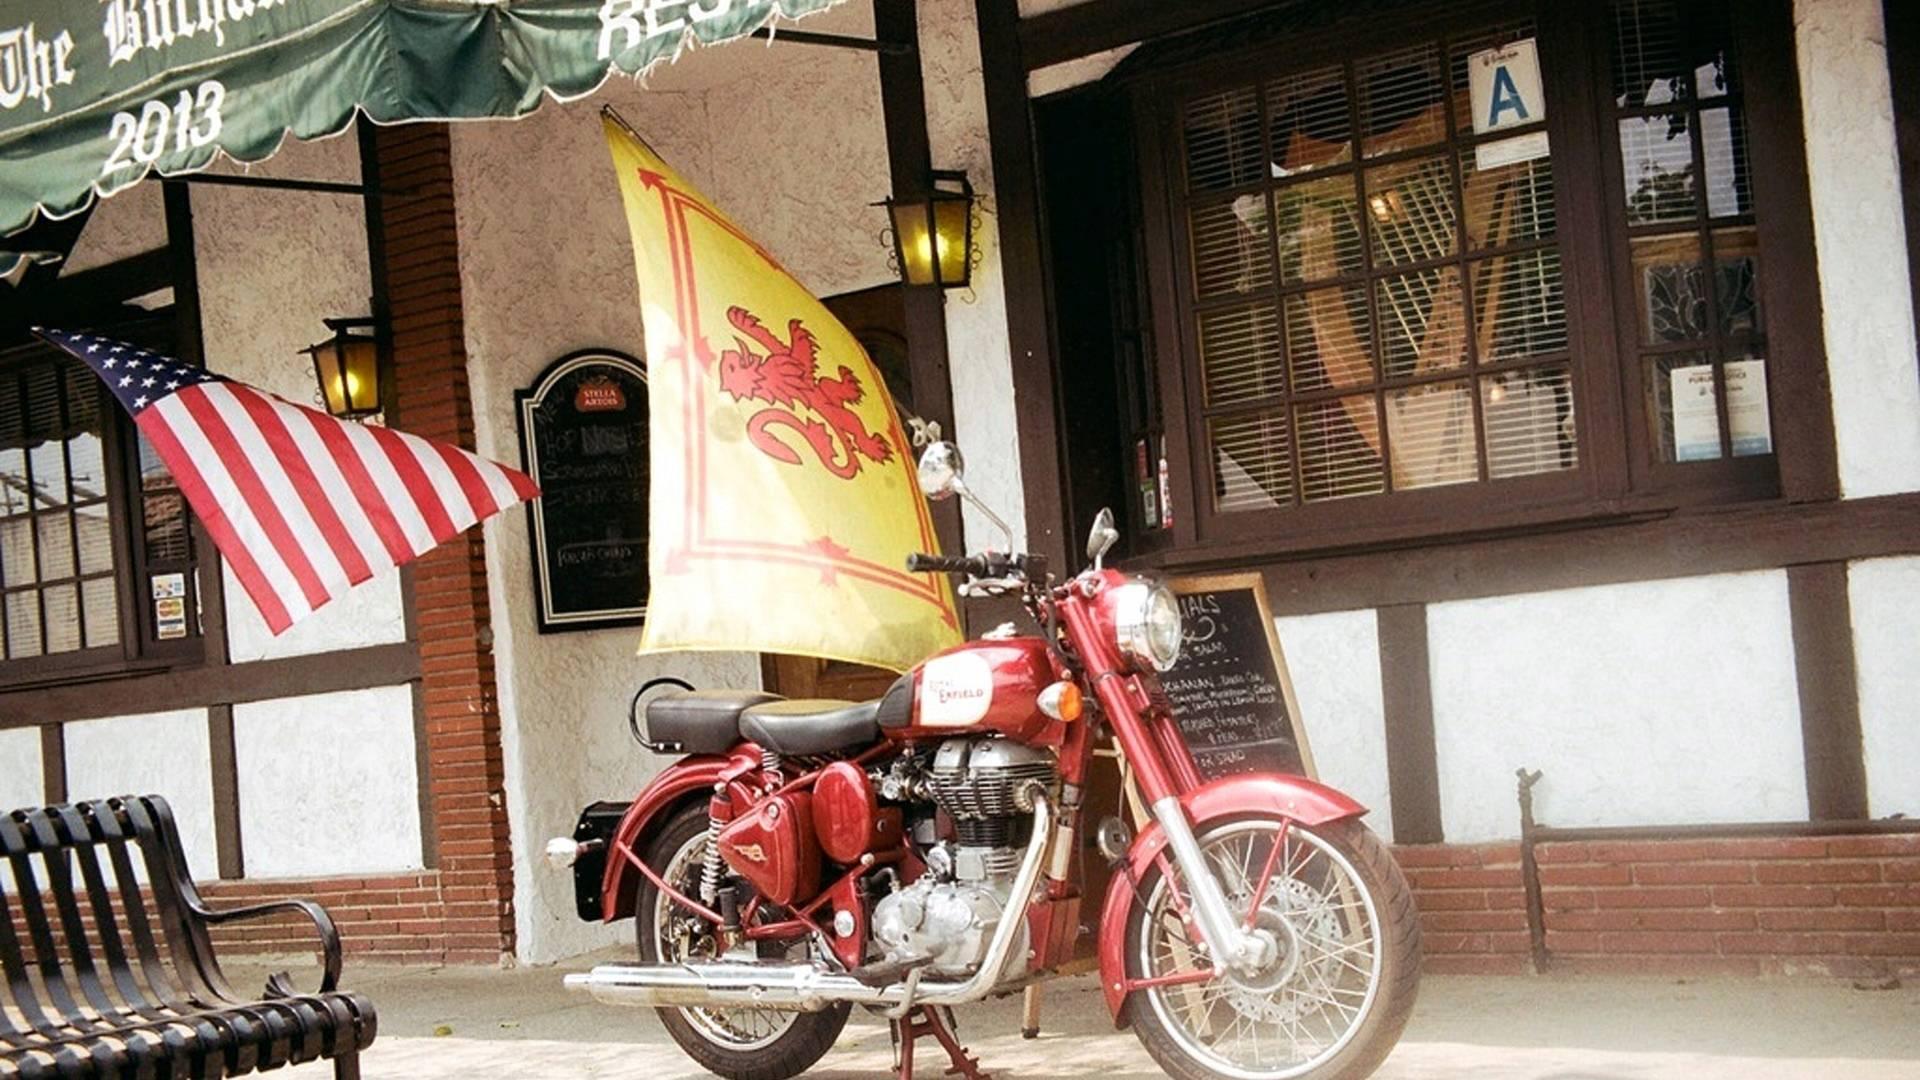 VINTAGE HONDA 500 MOTORCYCLE BANNER